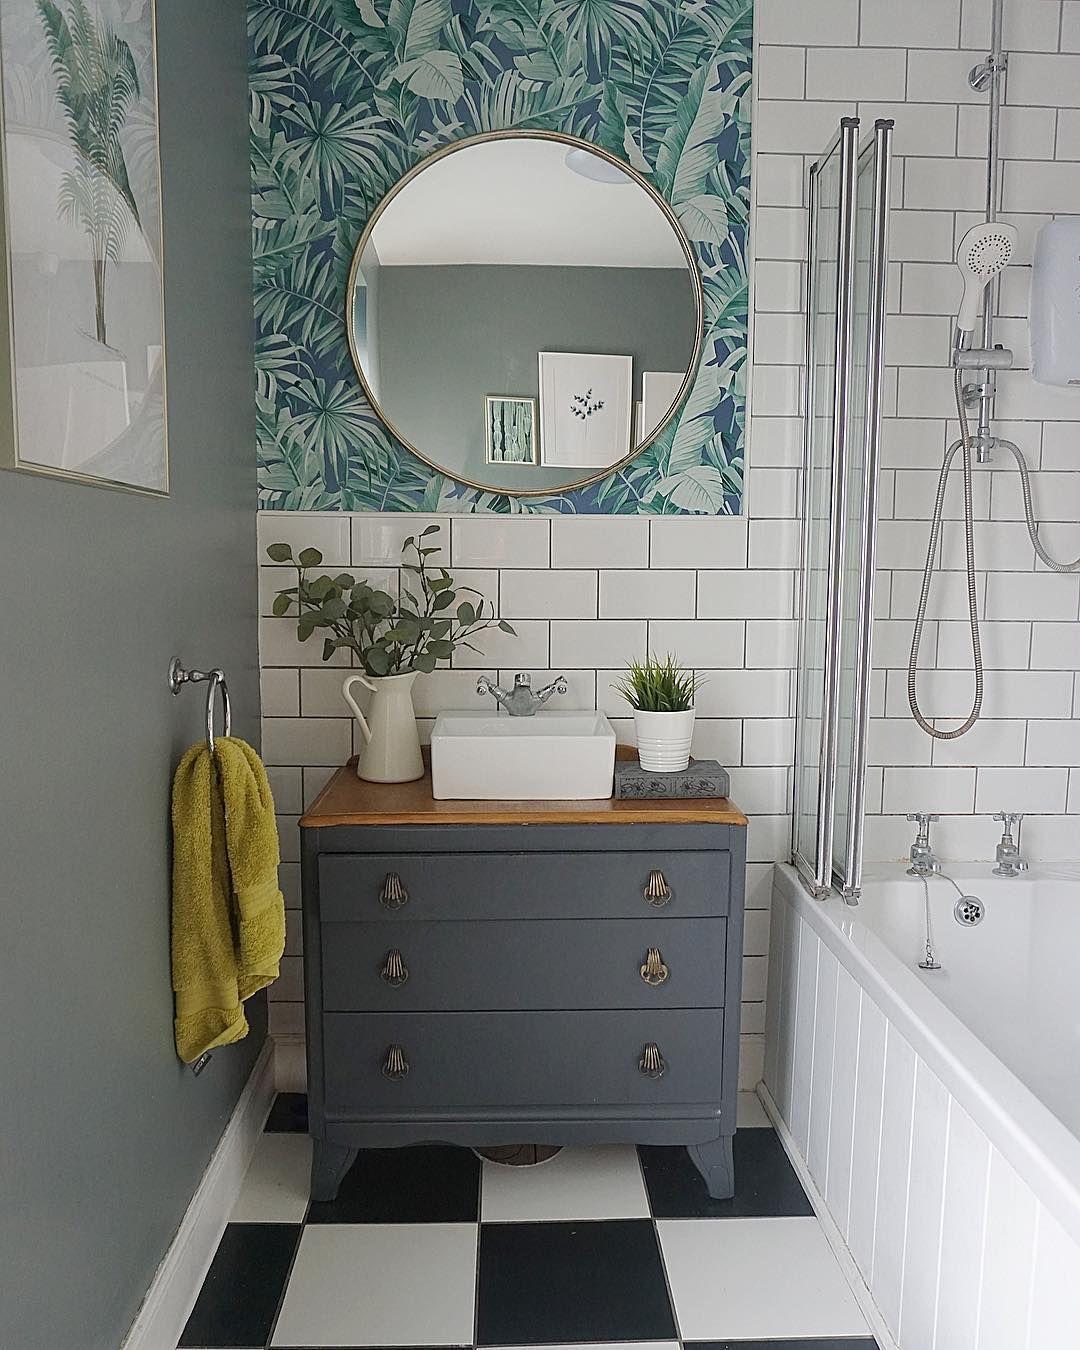 Wallpaper Behind Bathroom Vanity